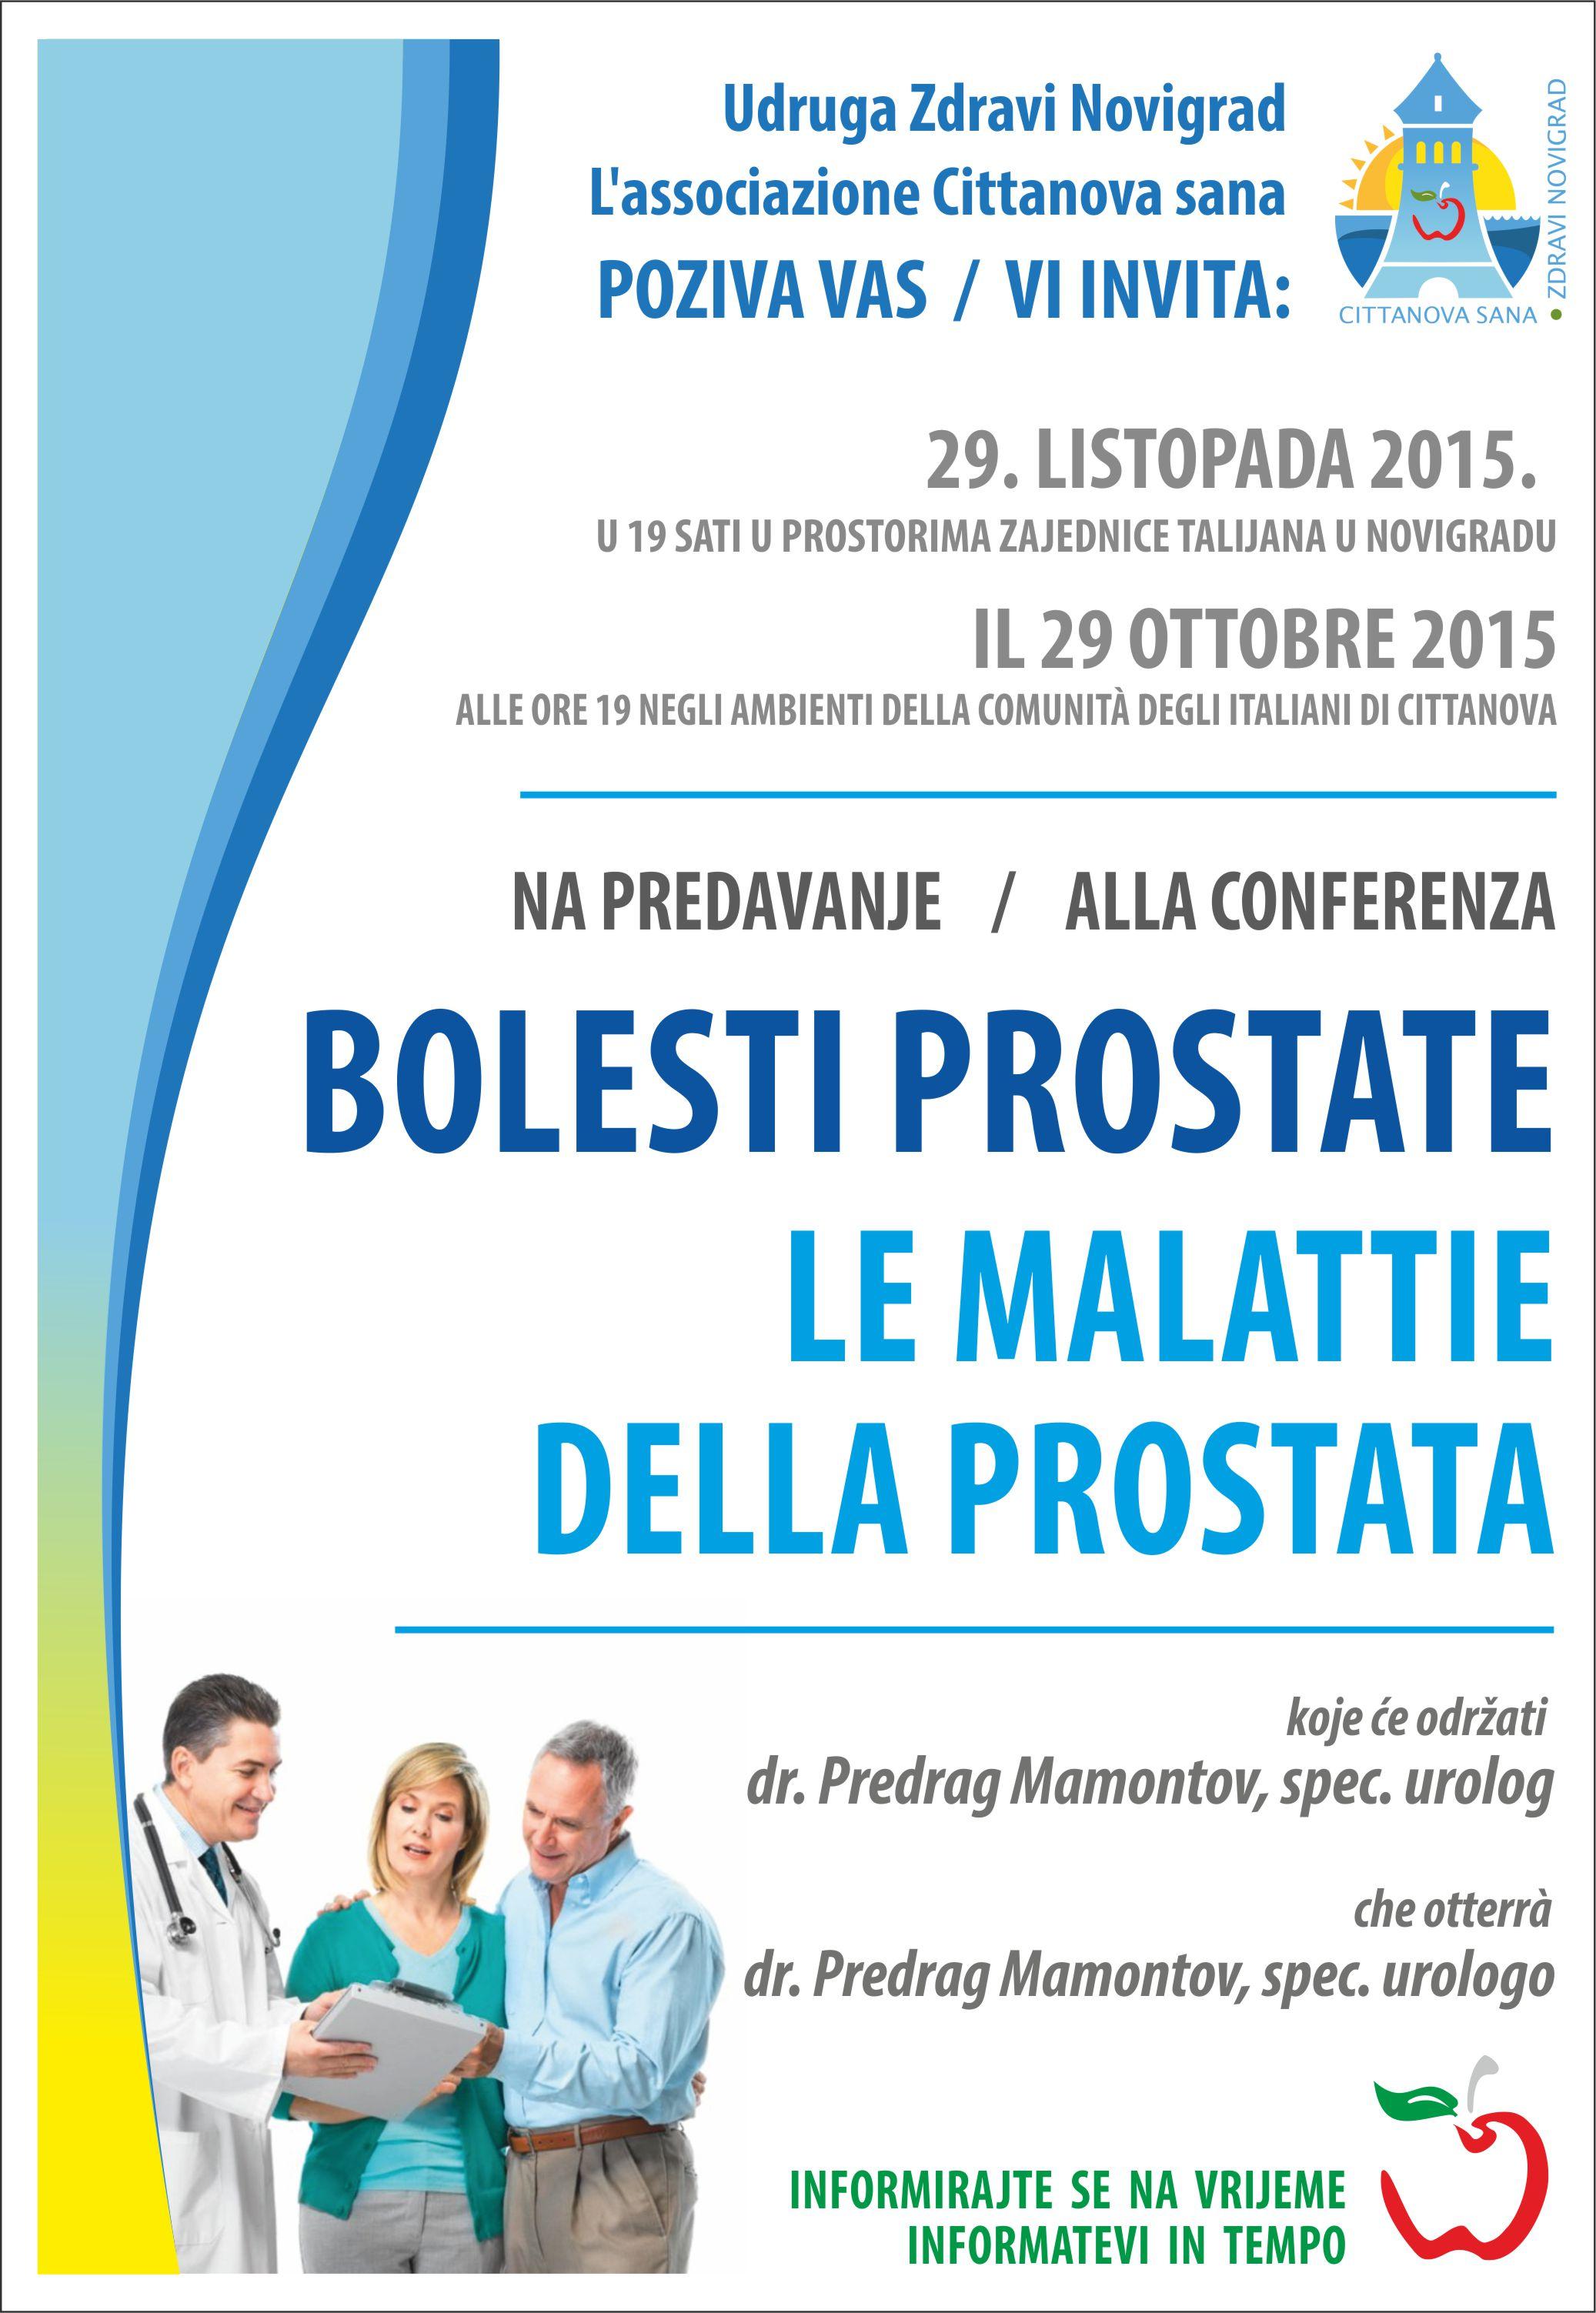 http://www.novigrad.hr/predavanje_dr._predrag_mamontov_spec._urolog_bolesti_prostate